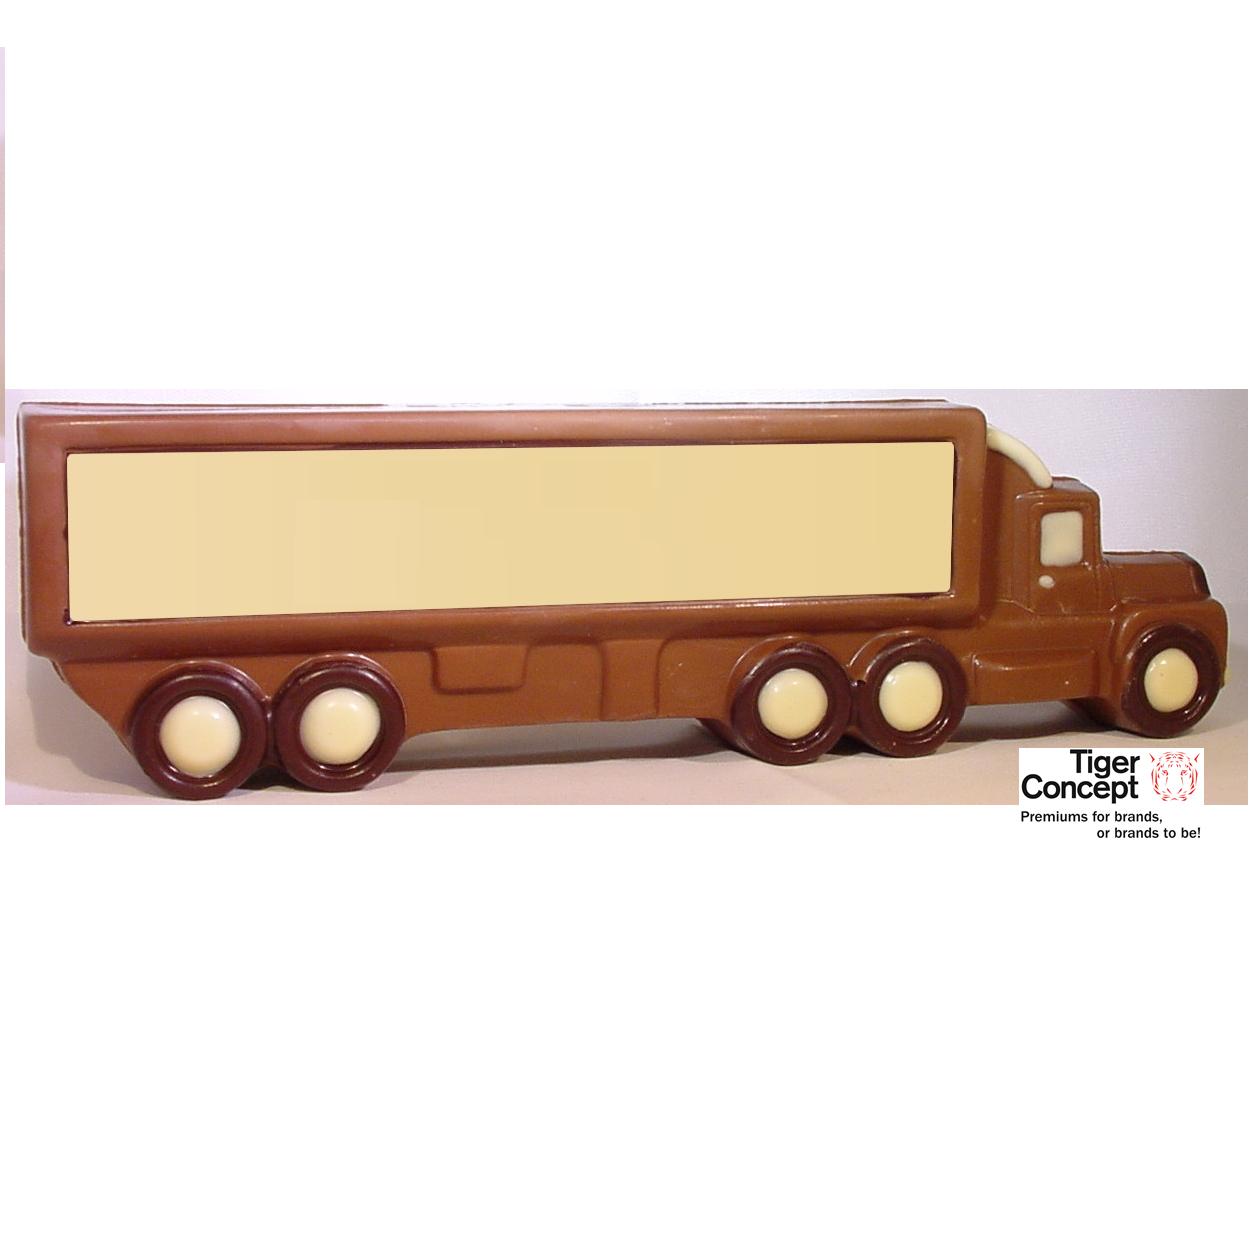 Chocolade vrachtwagen als relatiegeschenk